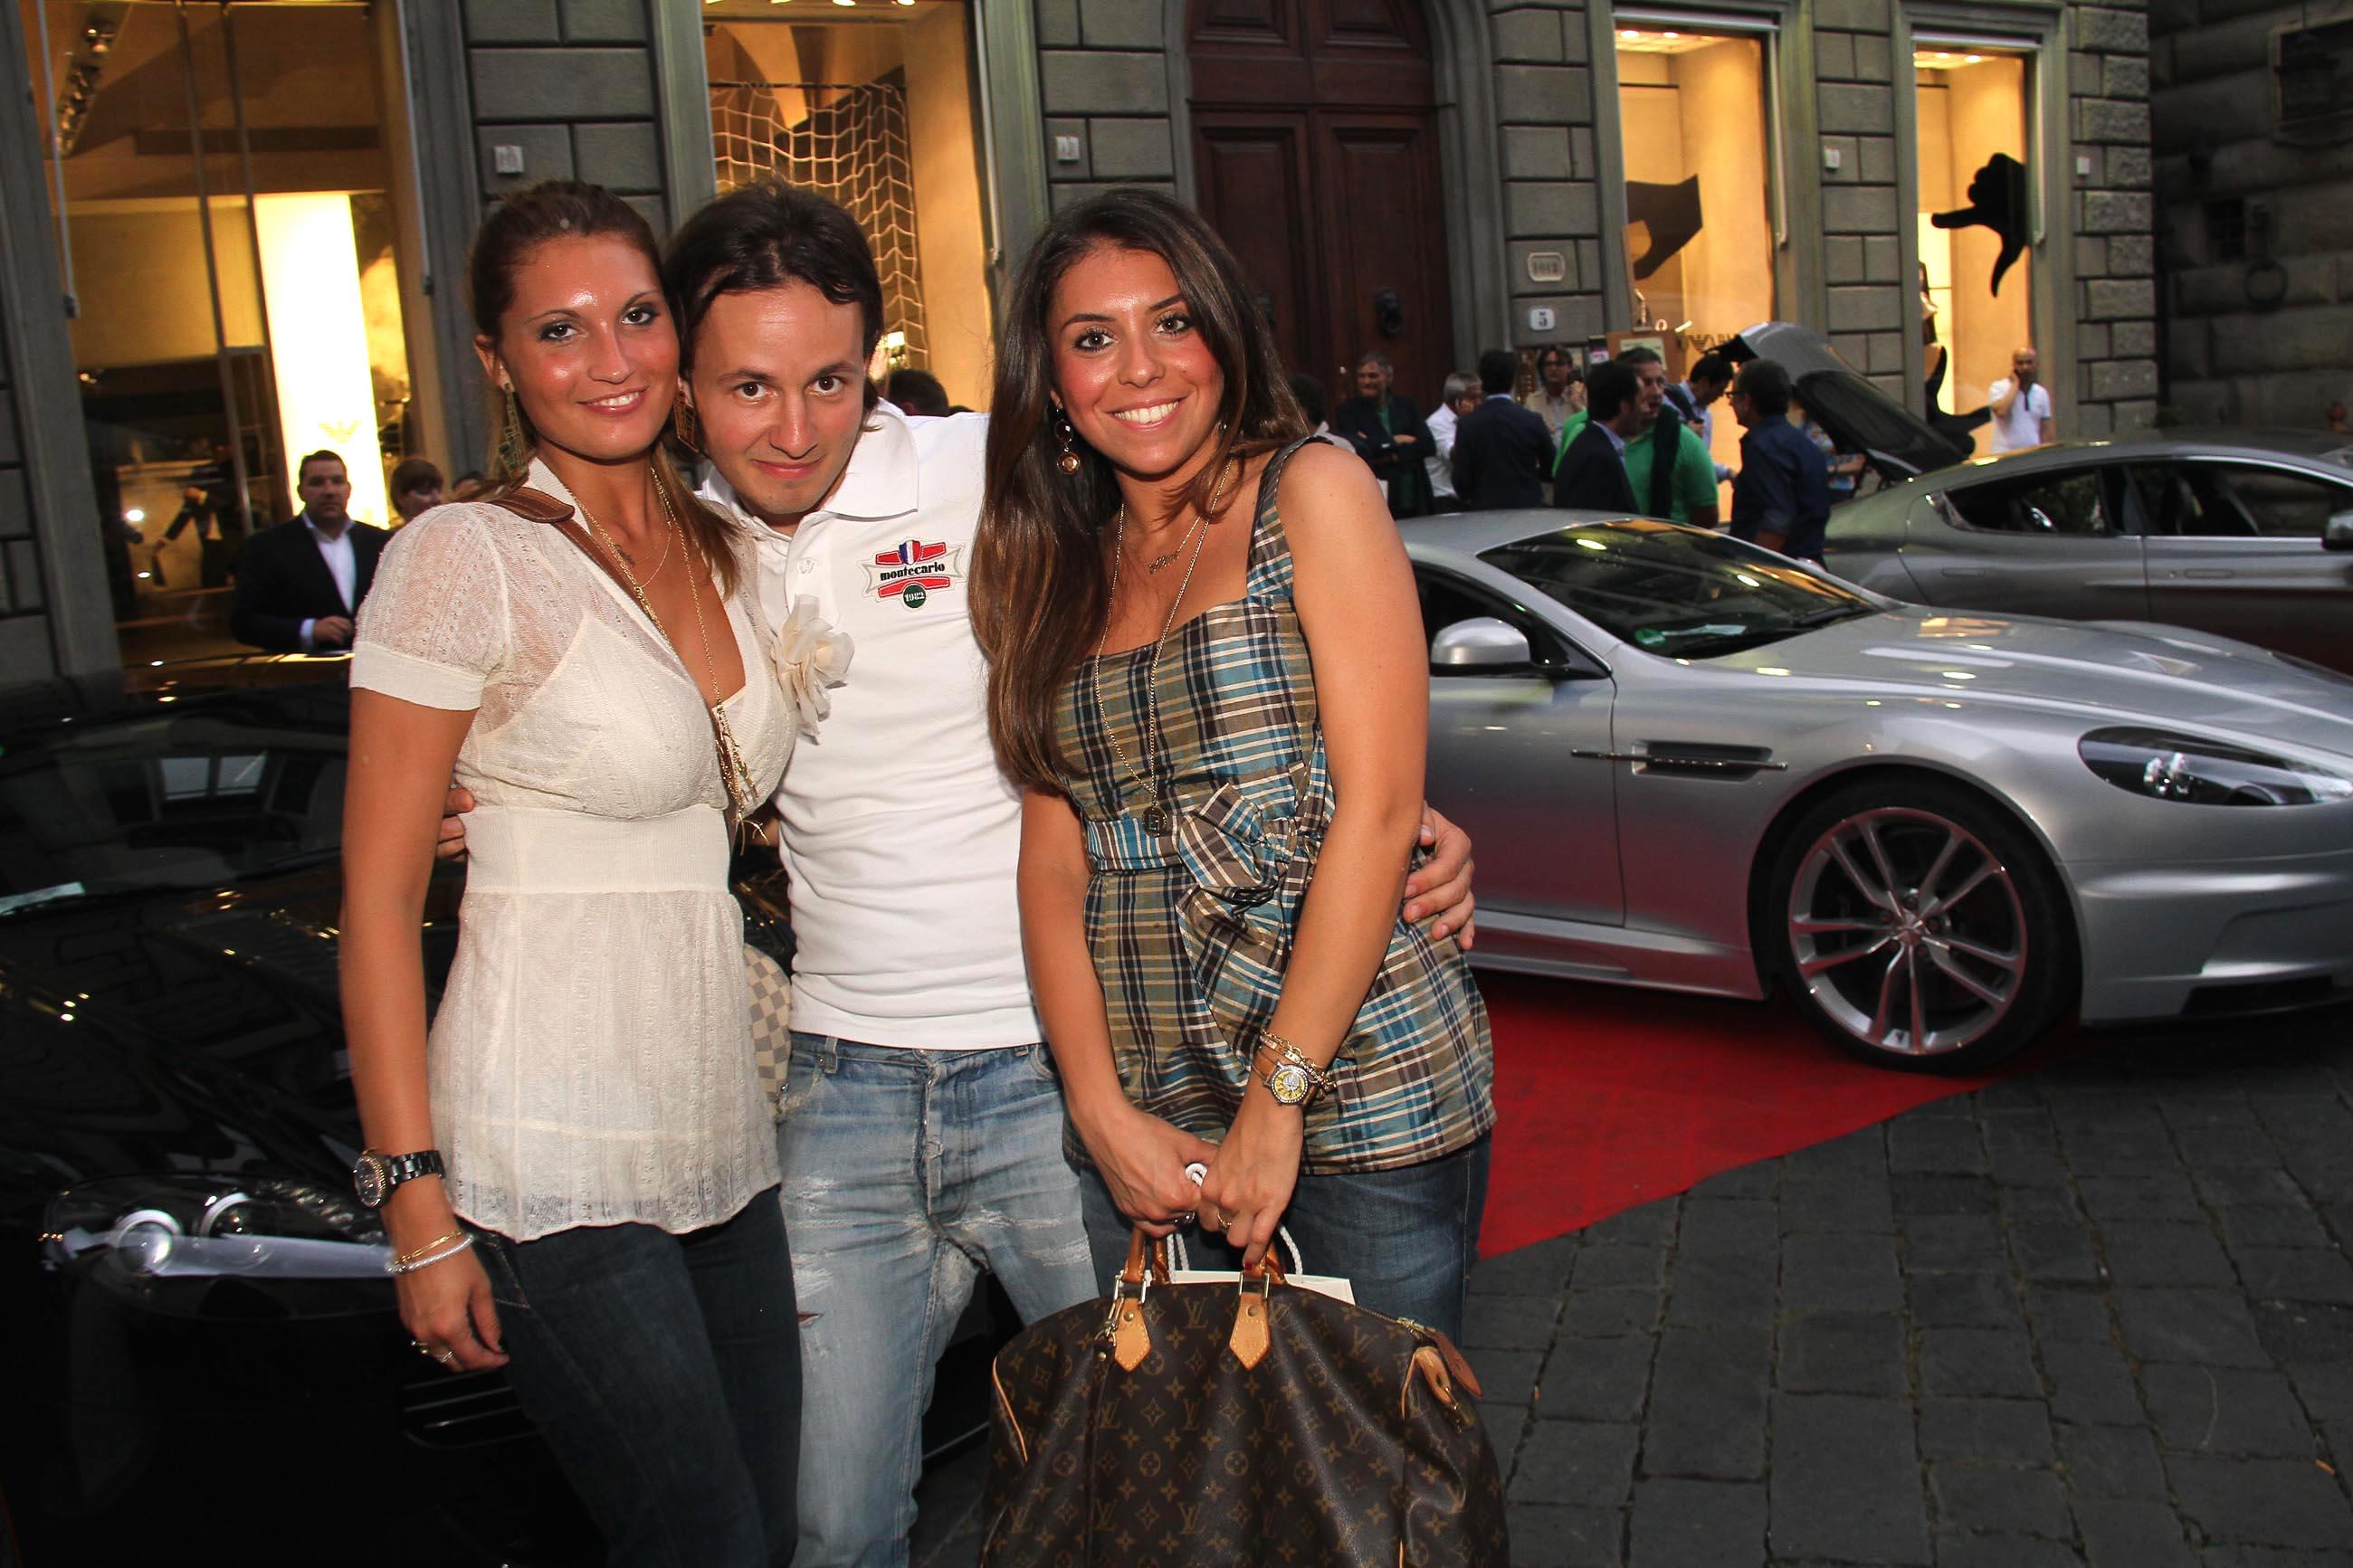 PRESSPHOTO Firenze, Evento Milord Aston Martin. Nella foto Giulia Nigi, Francesco Cecchi e Alice Giotti